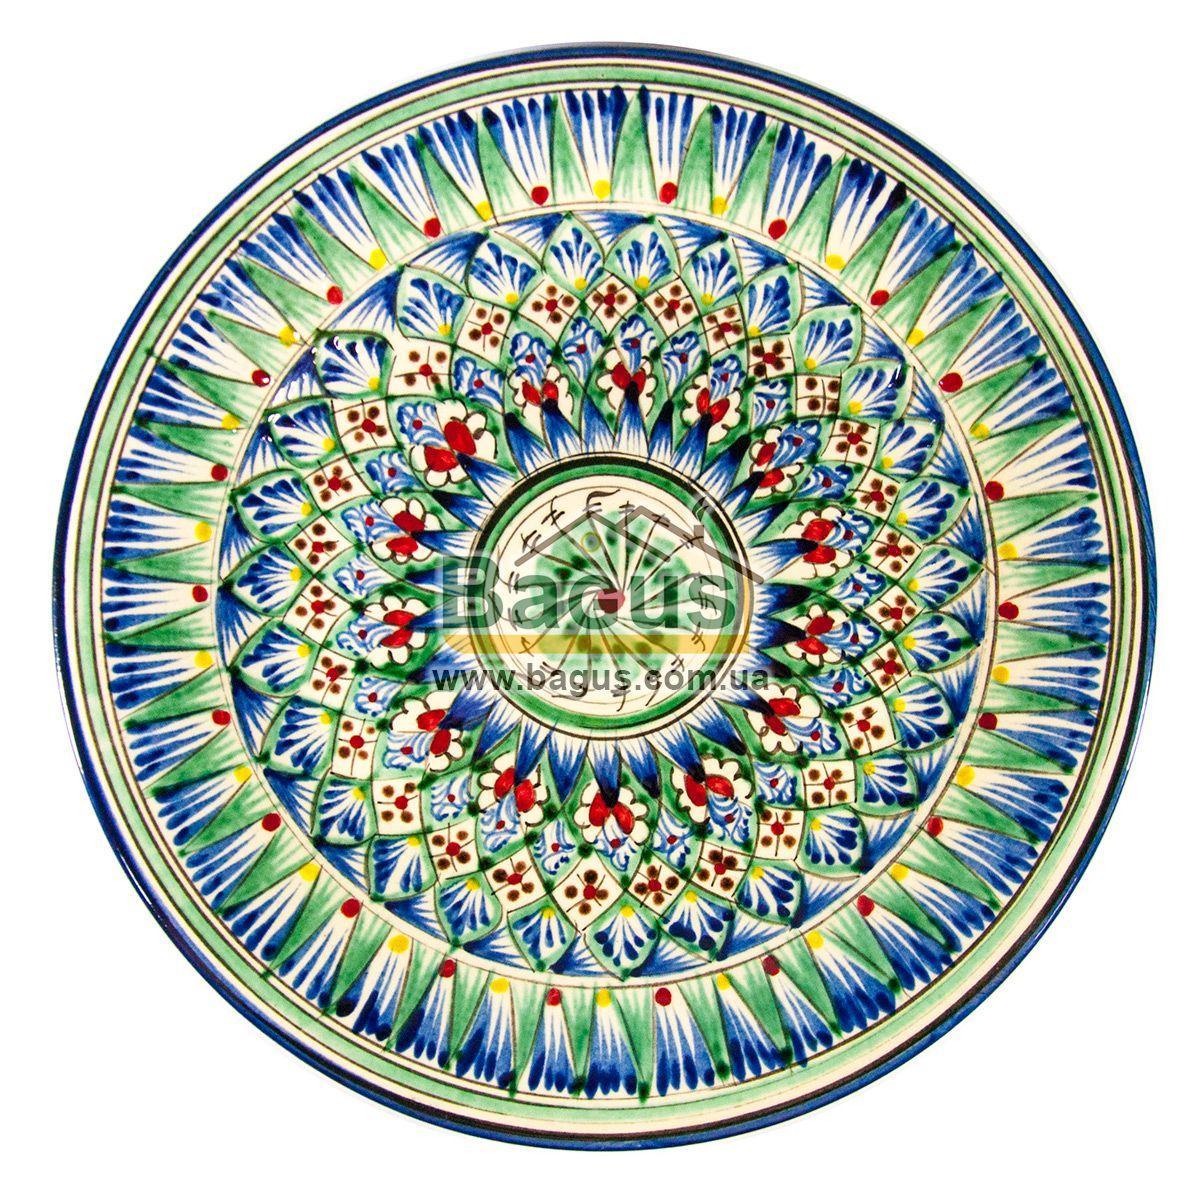 Тарелка узбекская диаметр 27см высота 3,5см ручная работа 2704-10